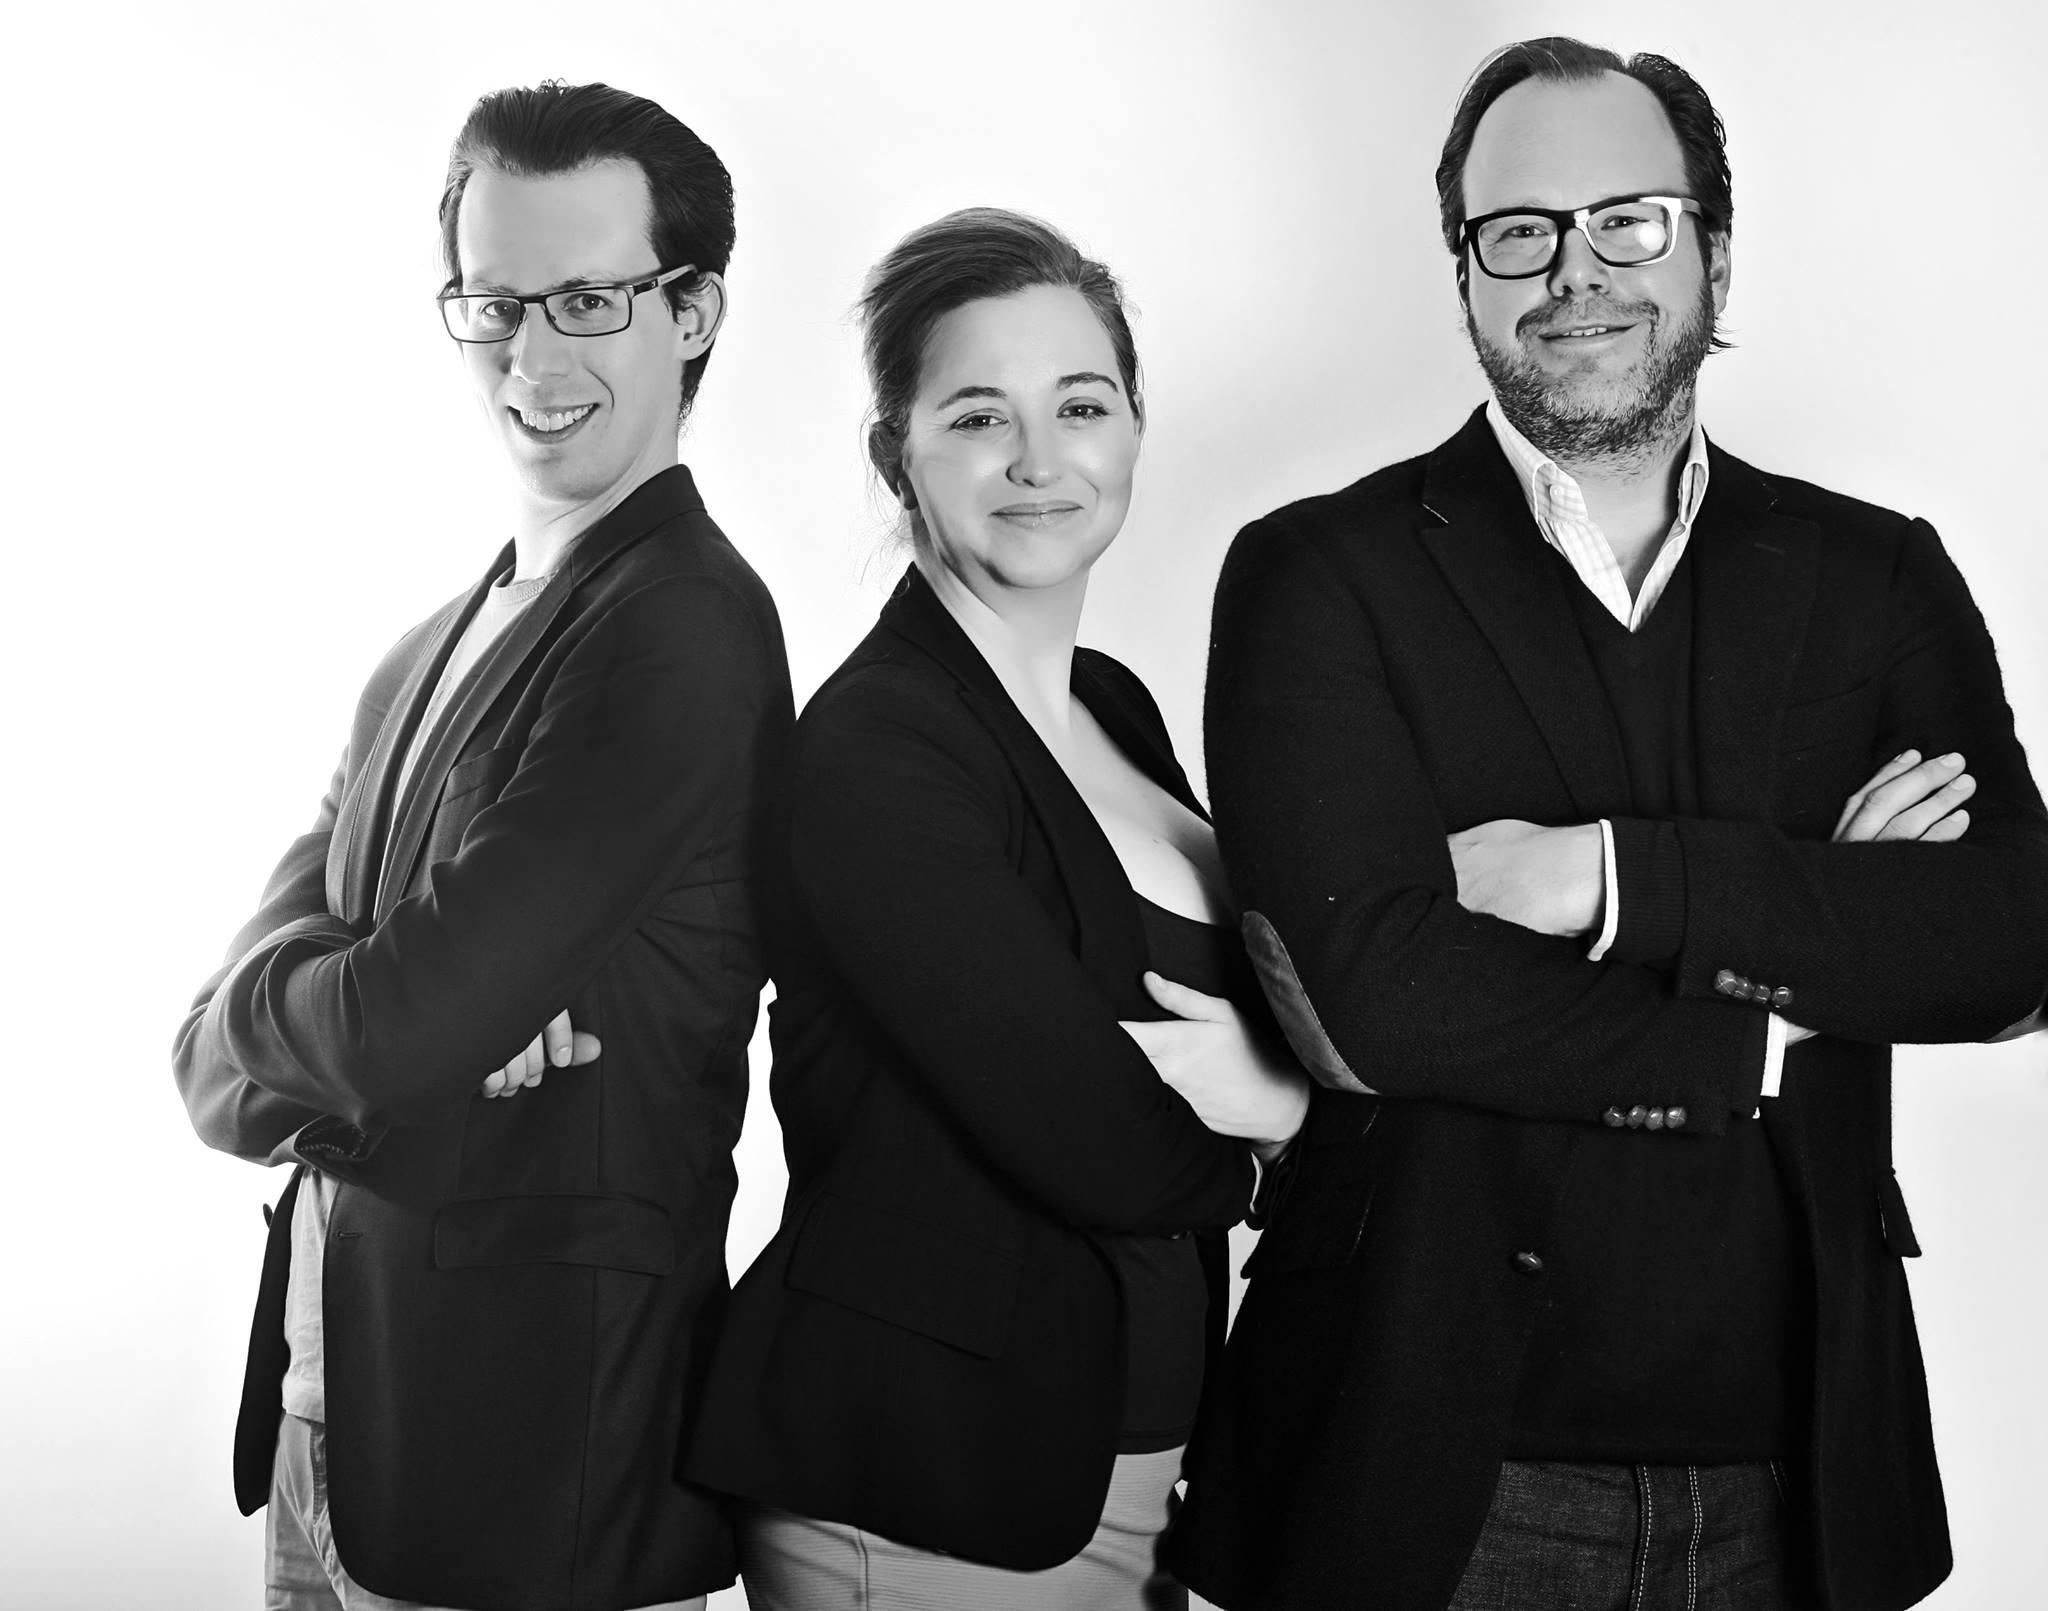 http://www.startplatz.de/fintech-gang-team/